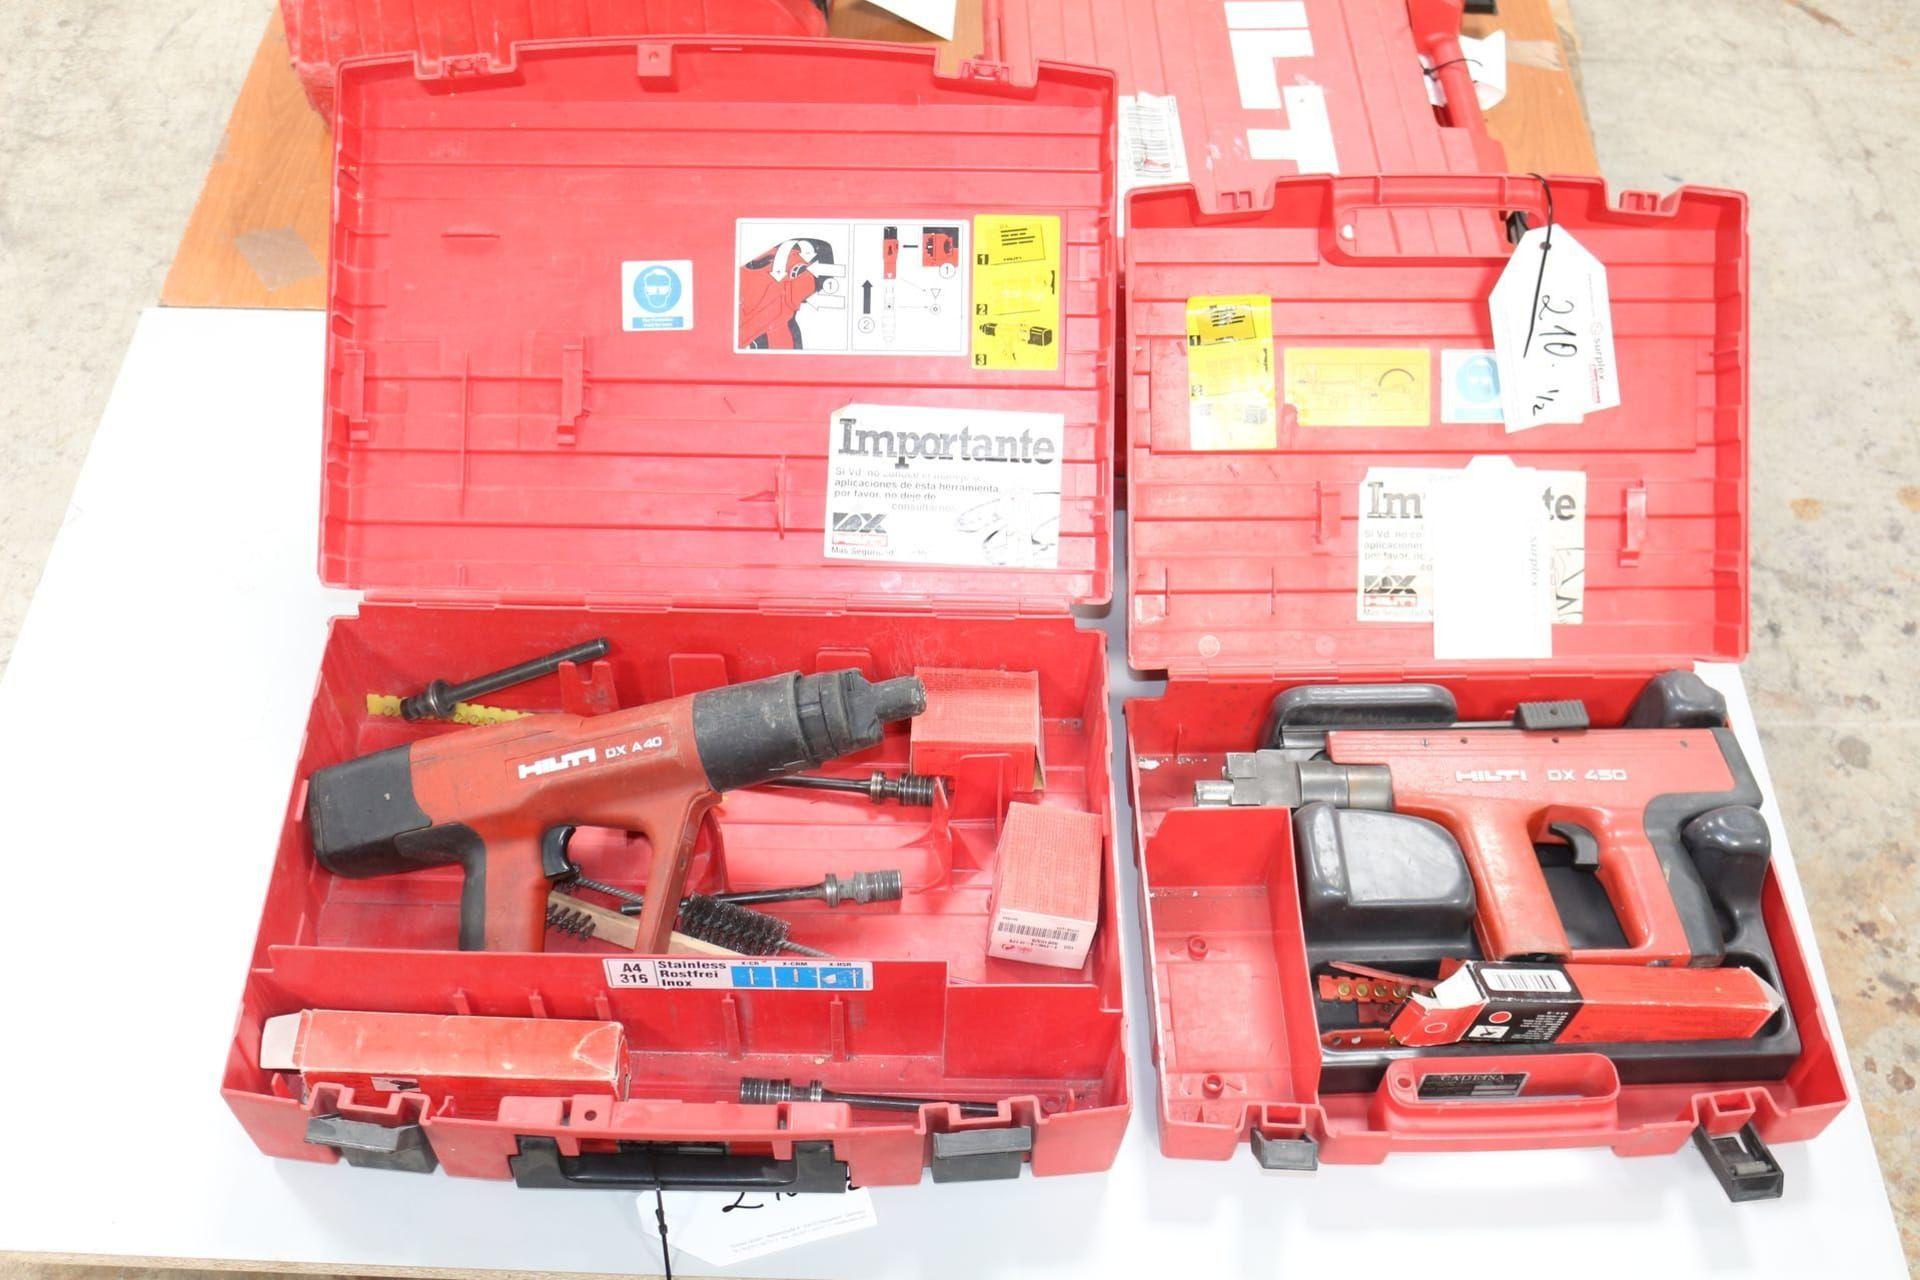 HILTI DX A 40 / DX 450 Bolzenschussgerät und Bolzensetzgerät